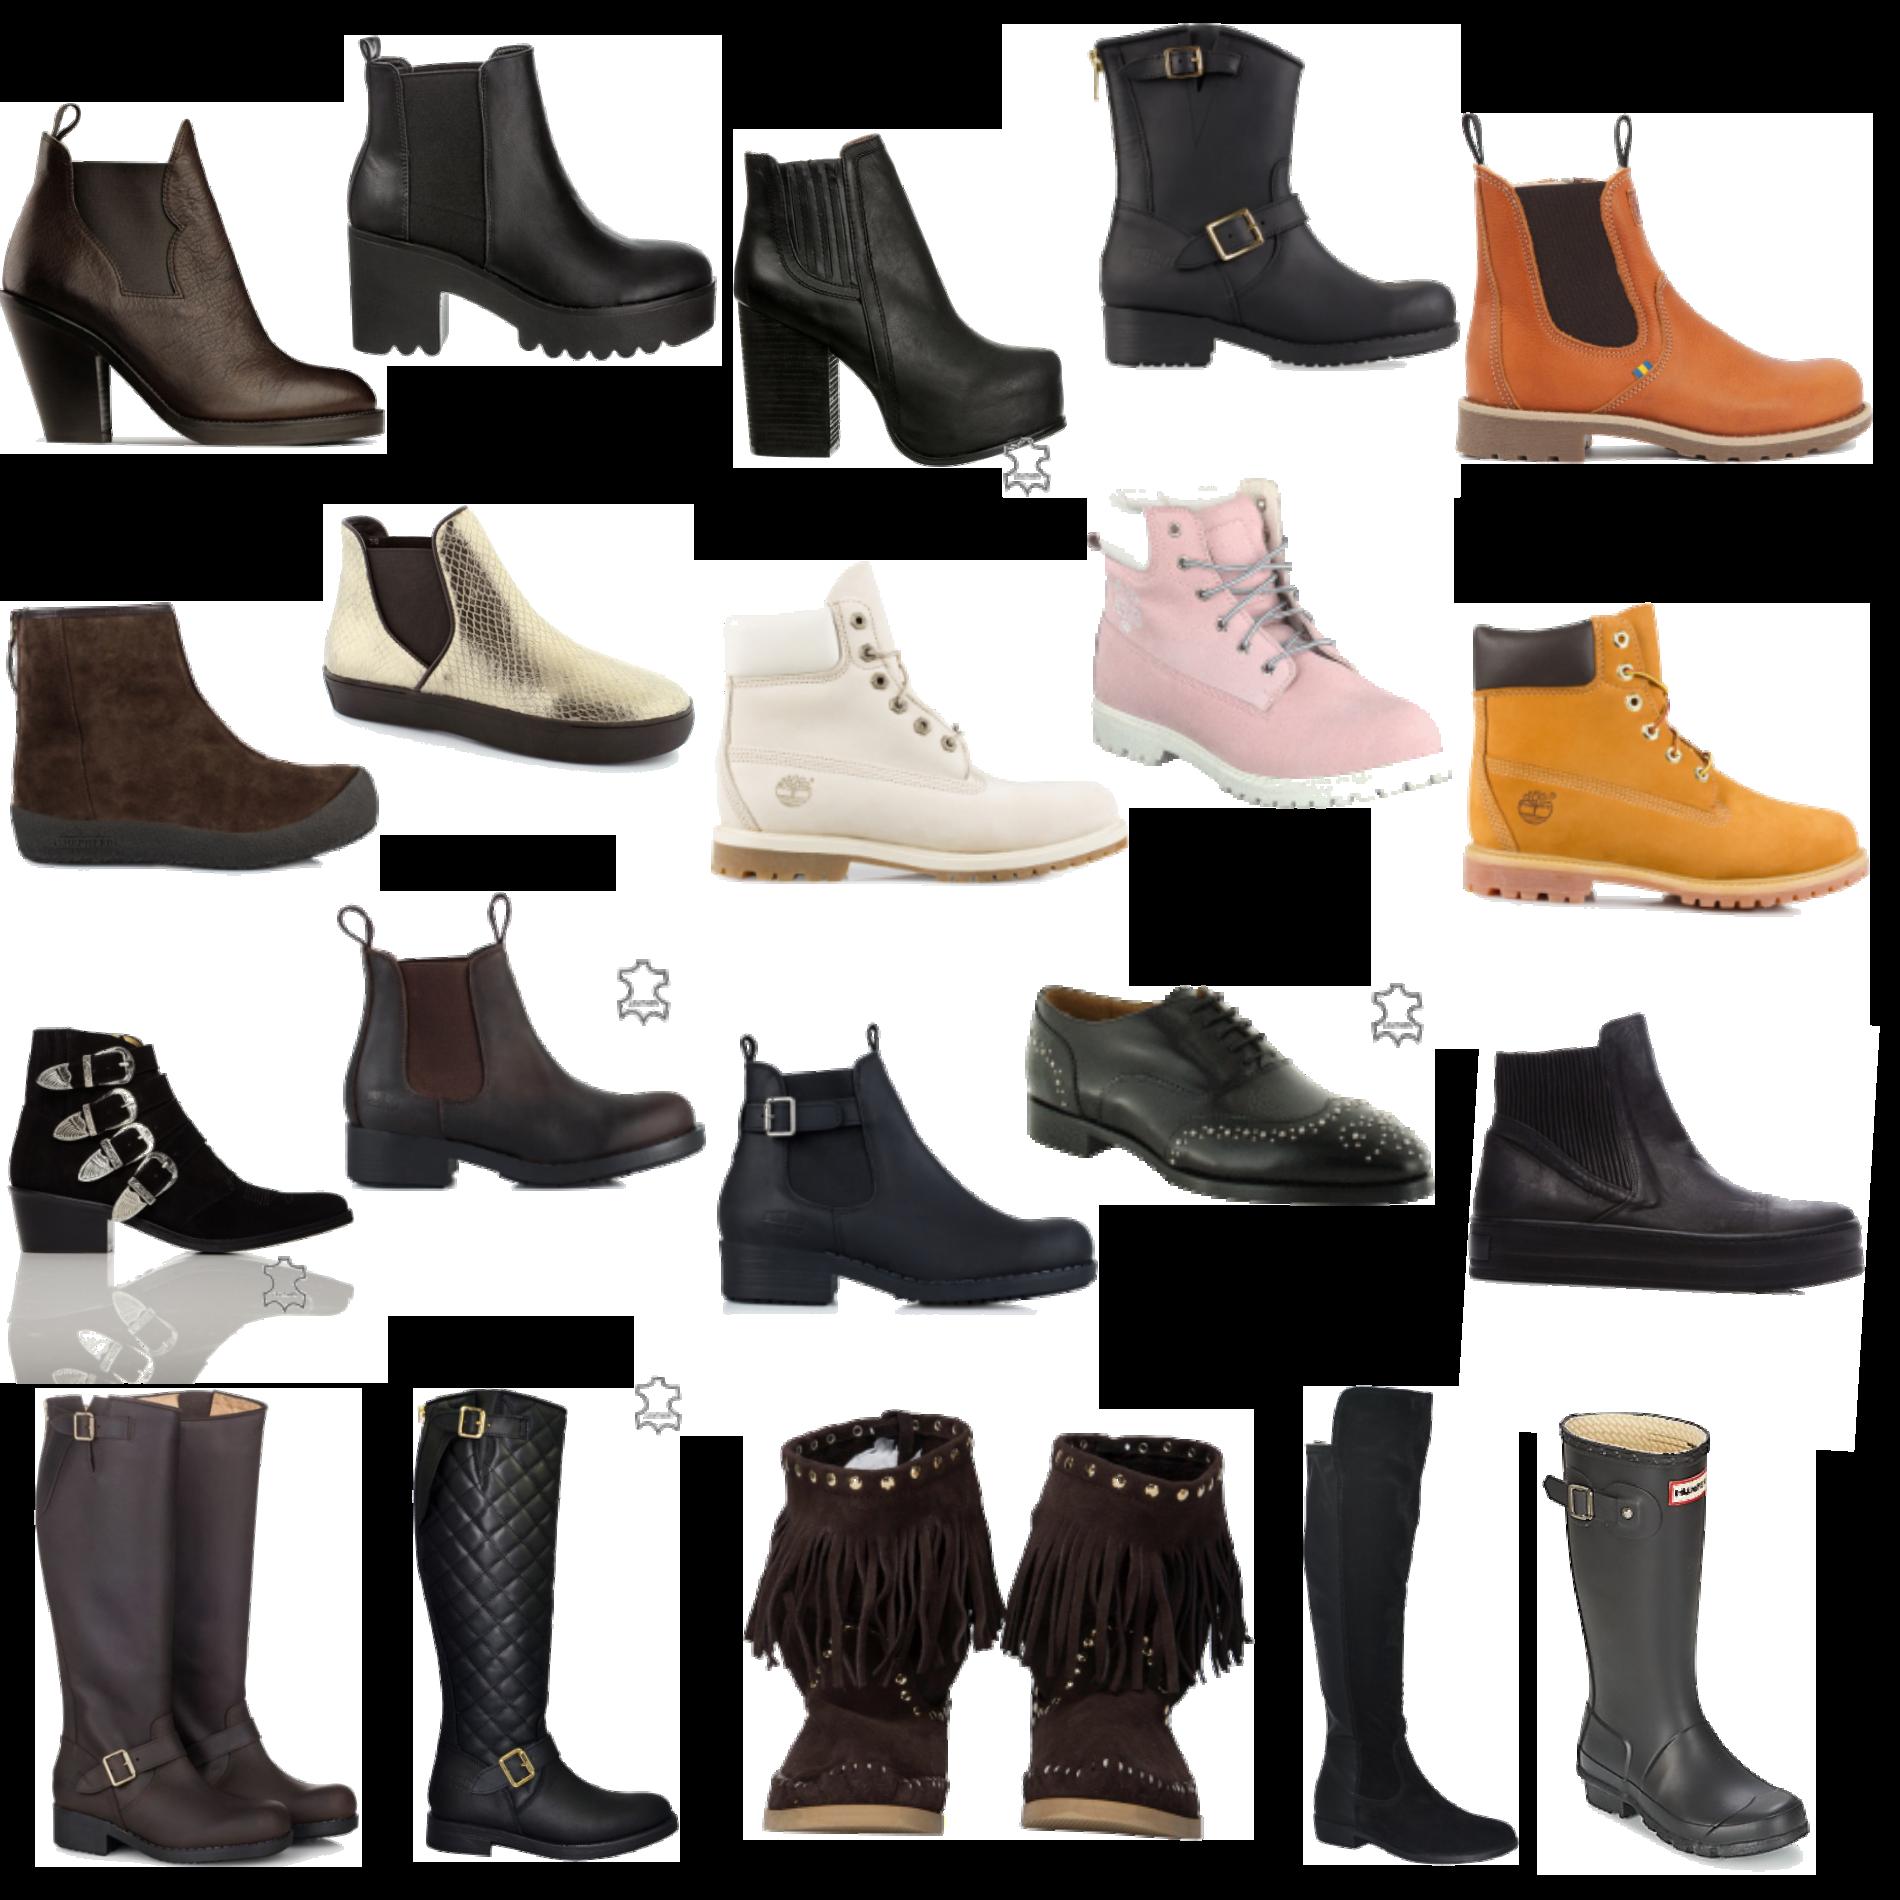 Dags att köpa ny höst skor? | Amandamaria